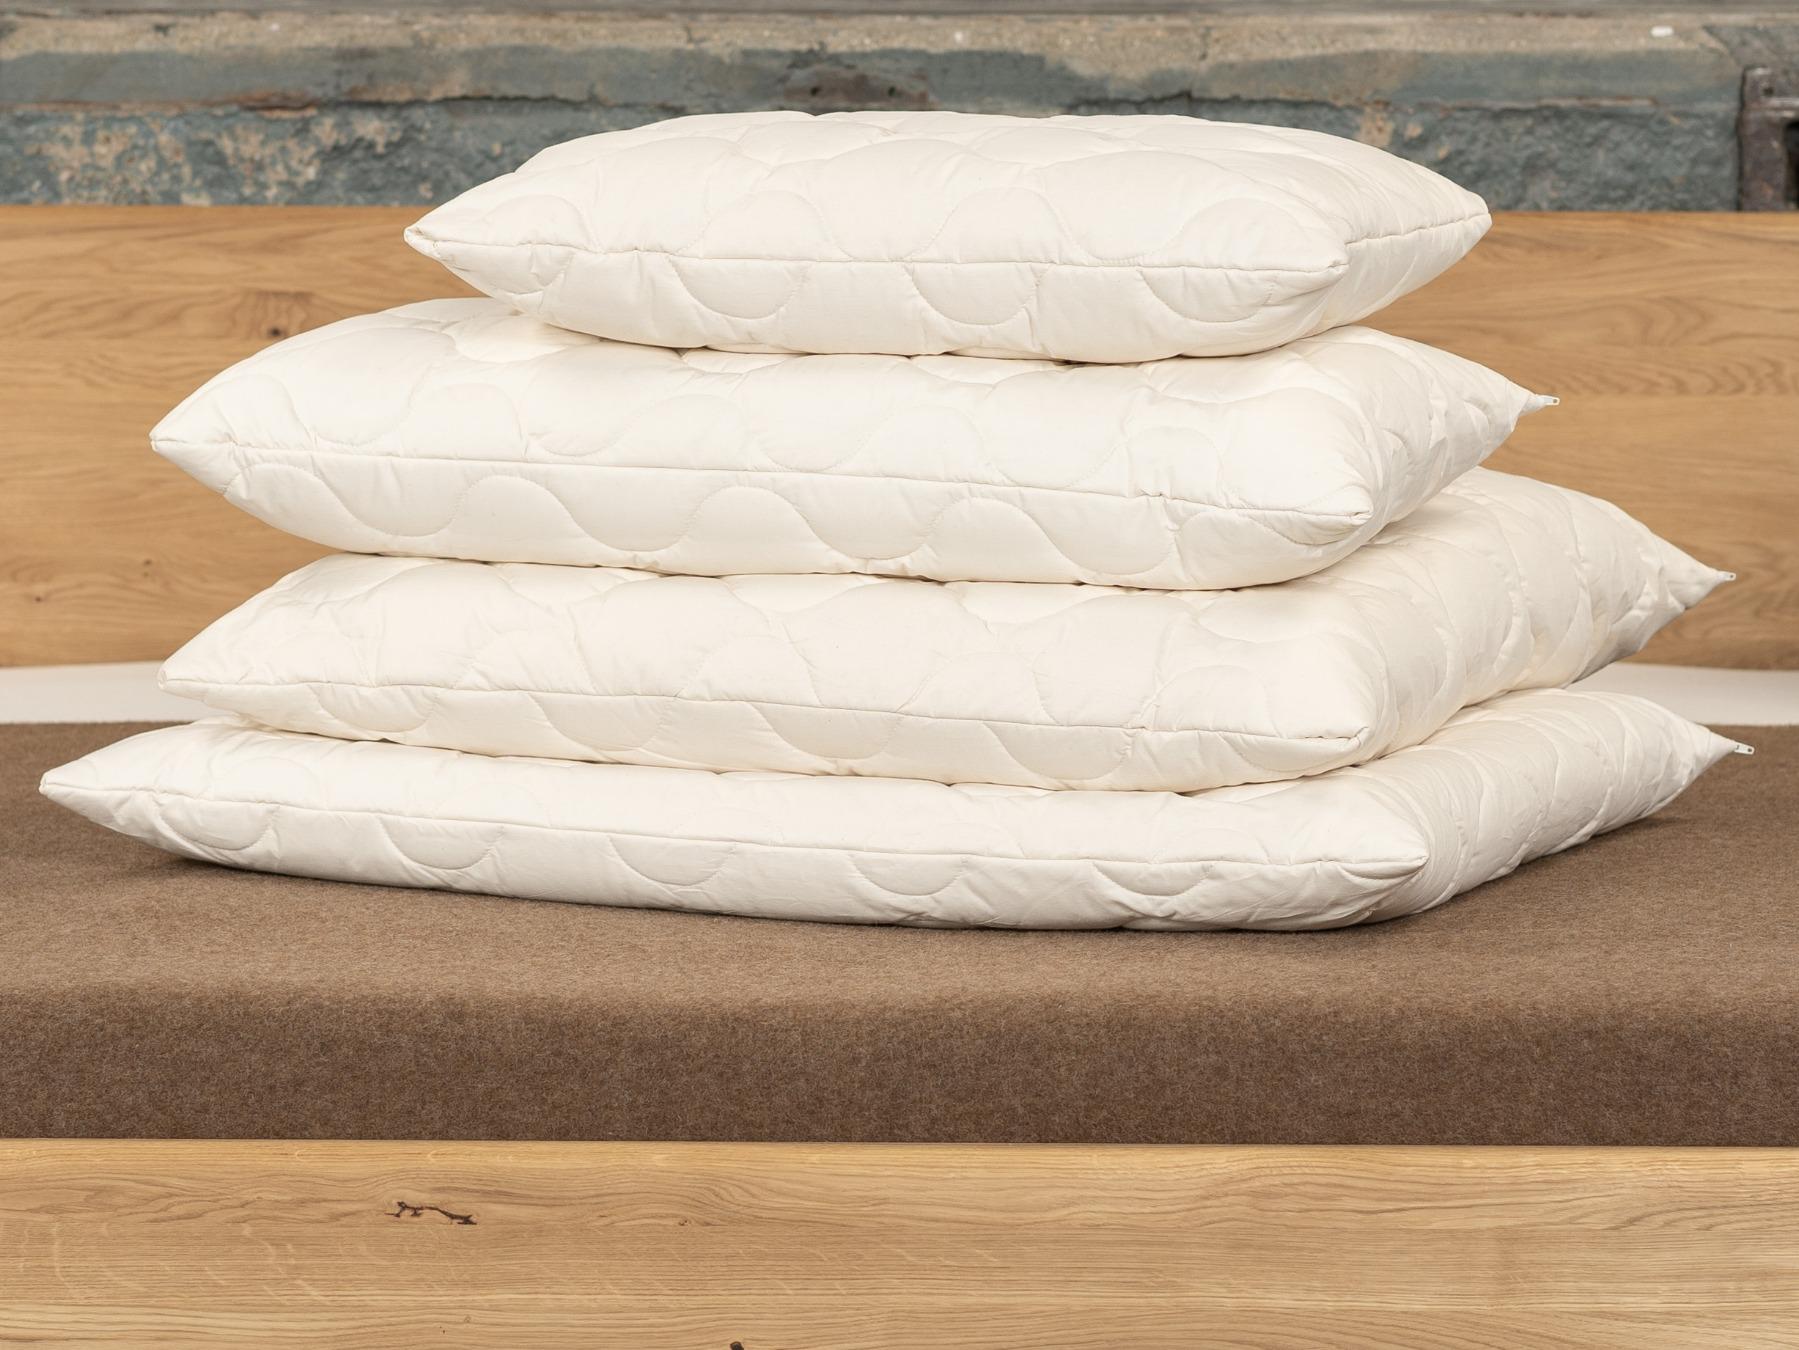 Kamelhaar-Kissen spenden Wärme und bieten angenehm weichen Liegekomfort.